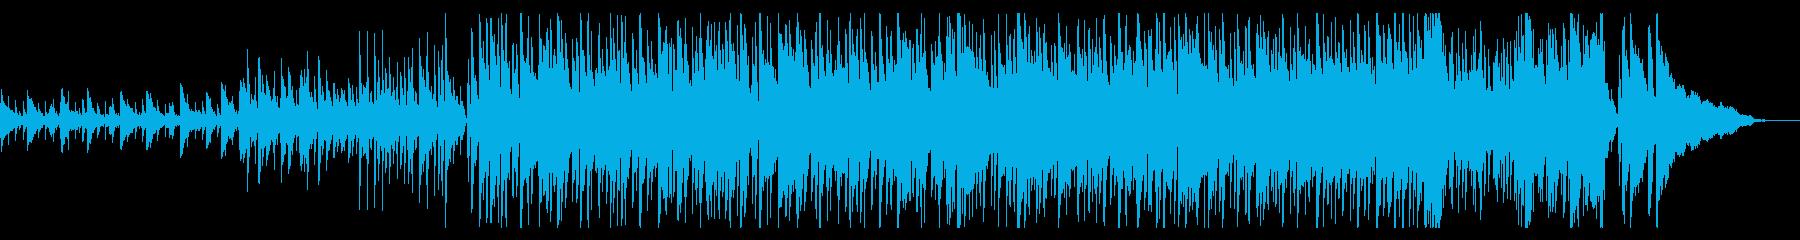 都会的で洗練された楽しいオシャレな曲の再生済みの波形